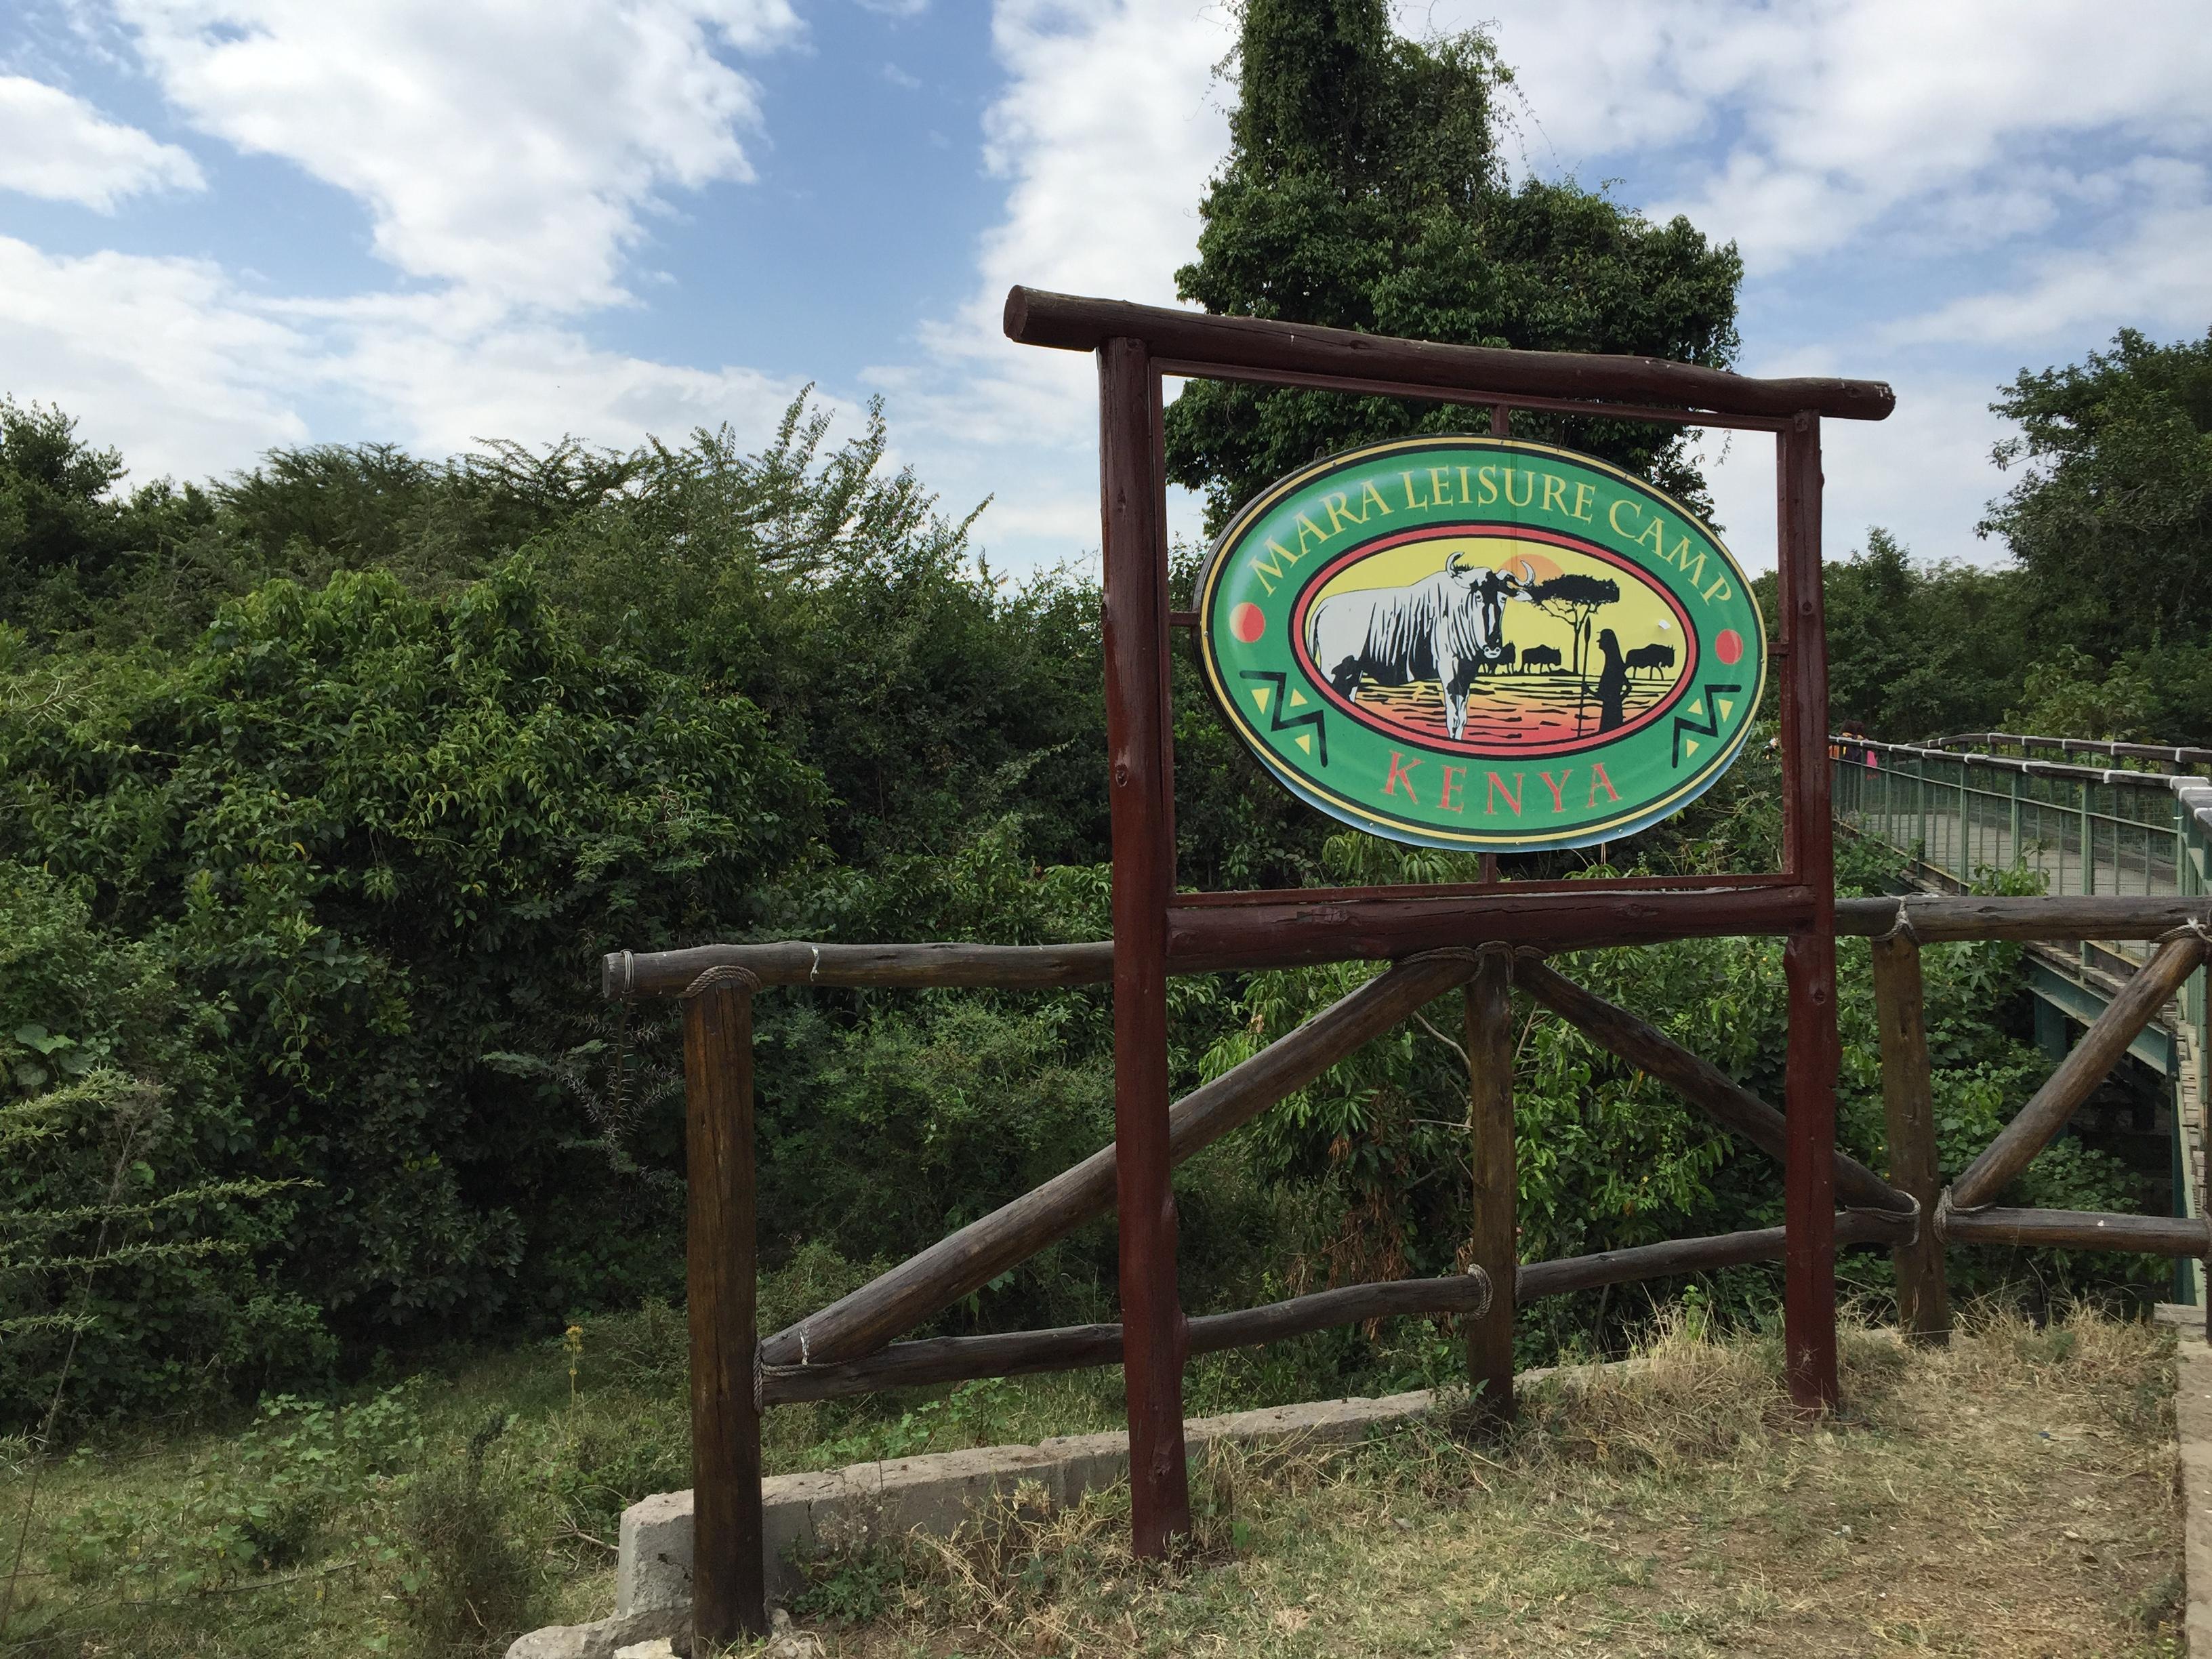 ケニヤのマサイマラ国立保護区にあるMara Leisure Campに宿泊しました。